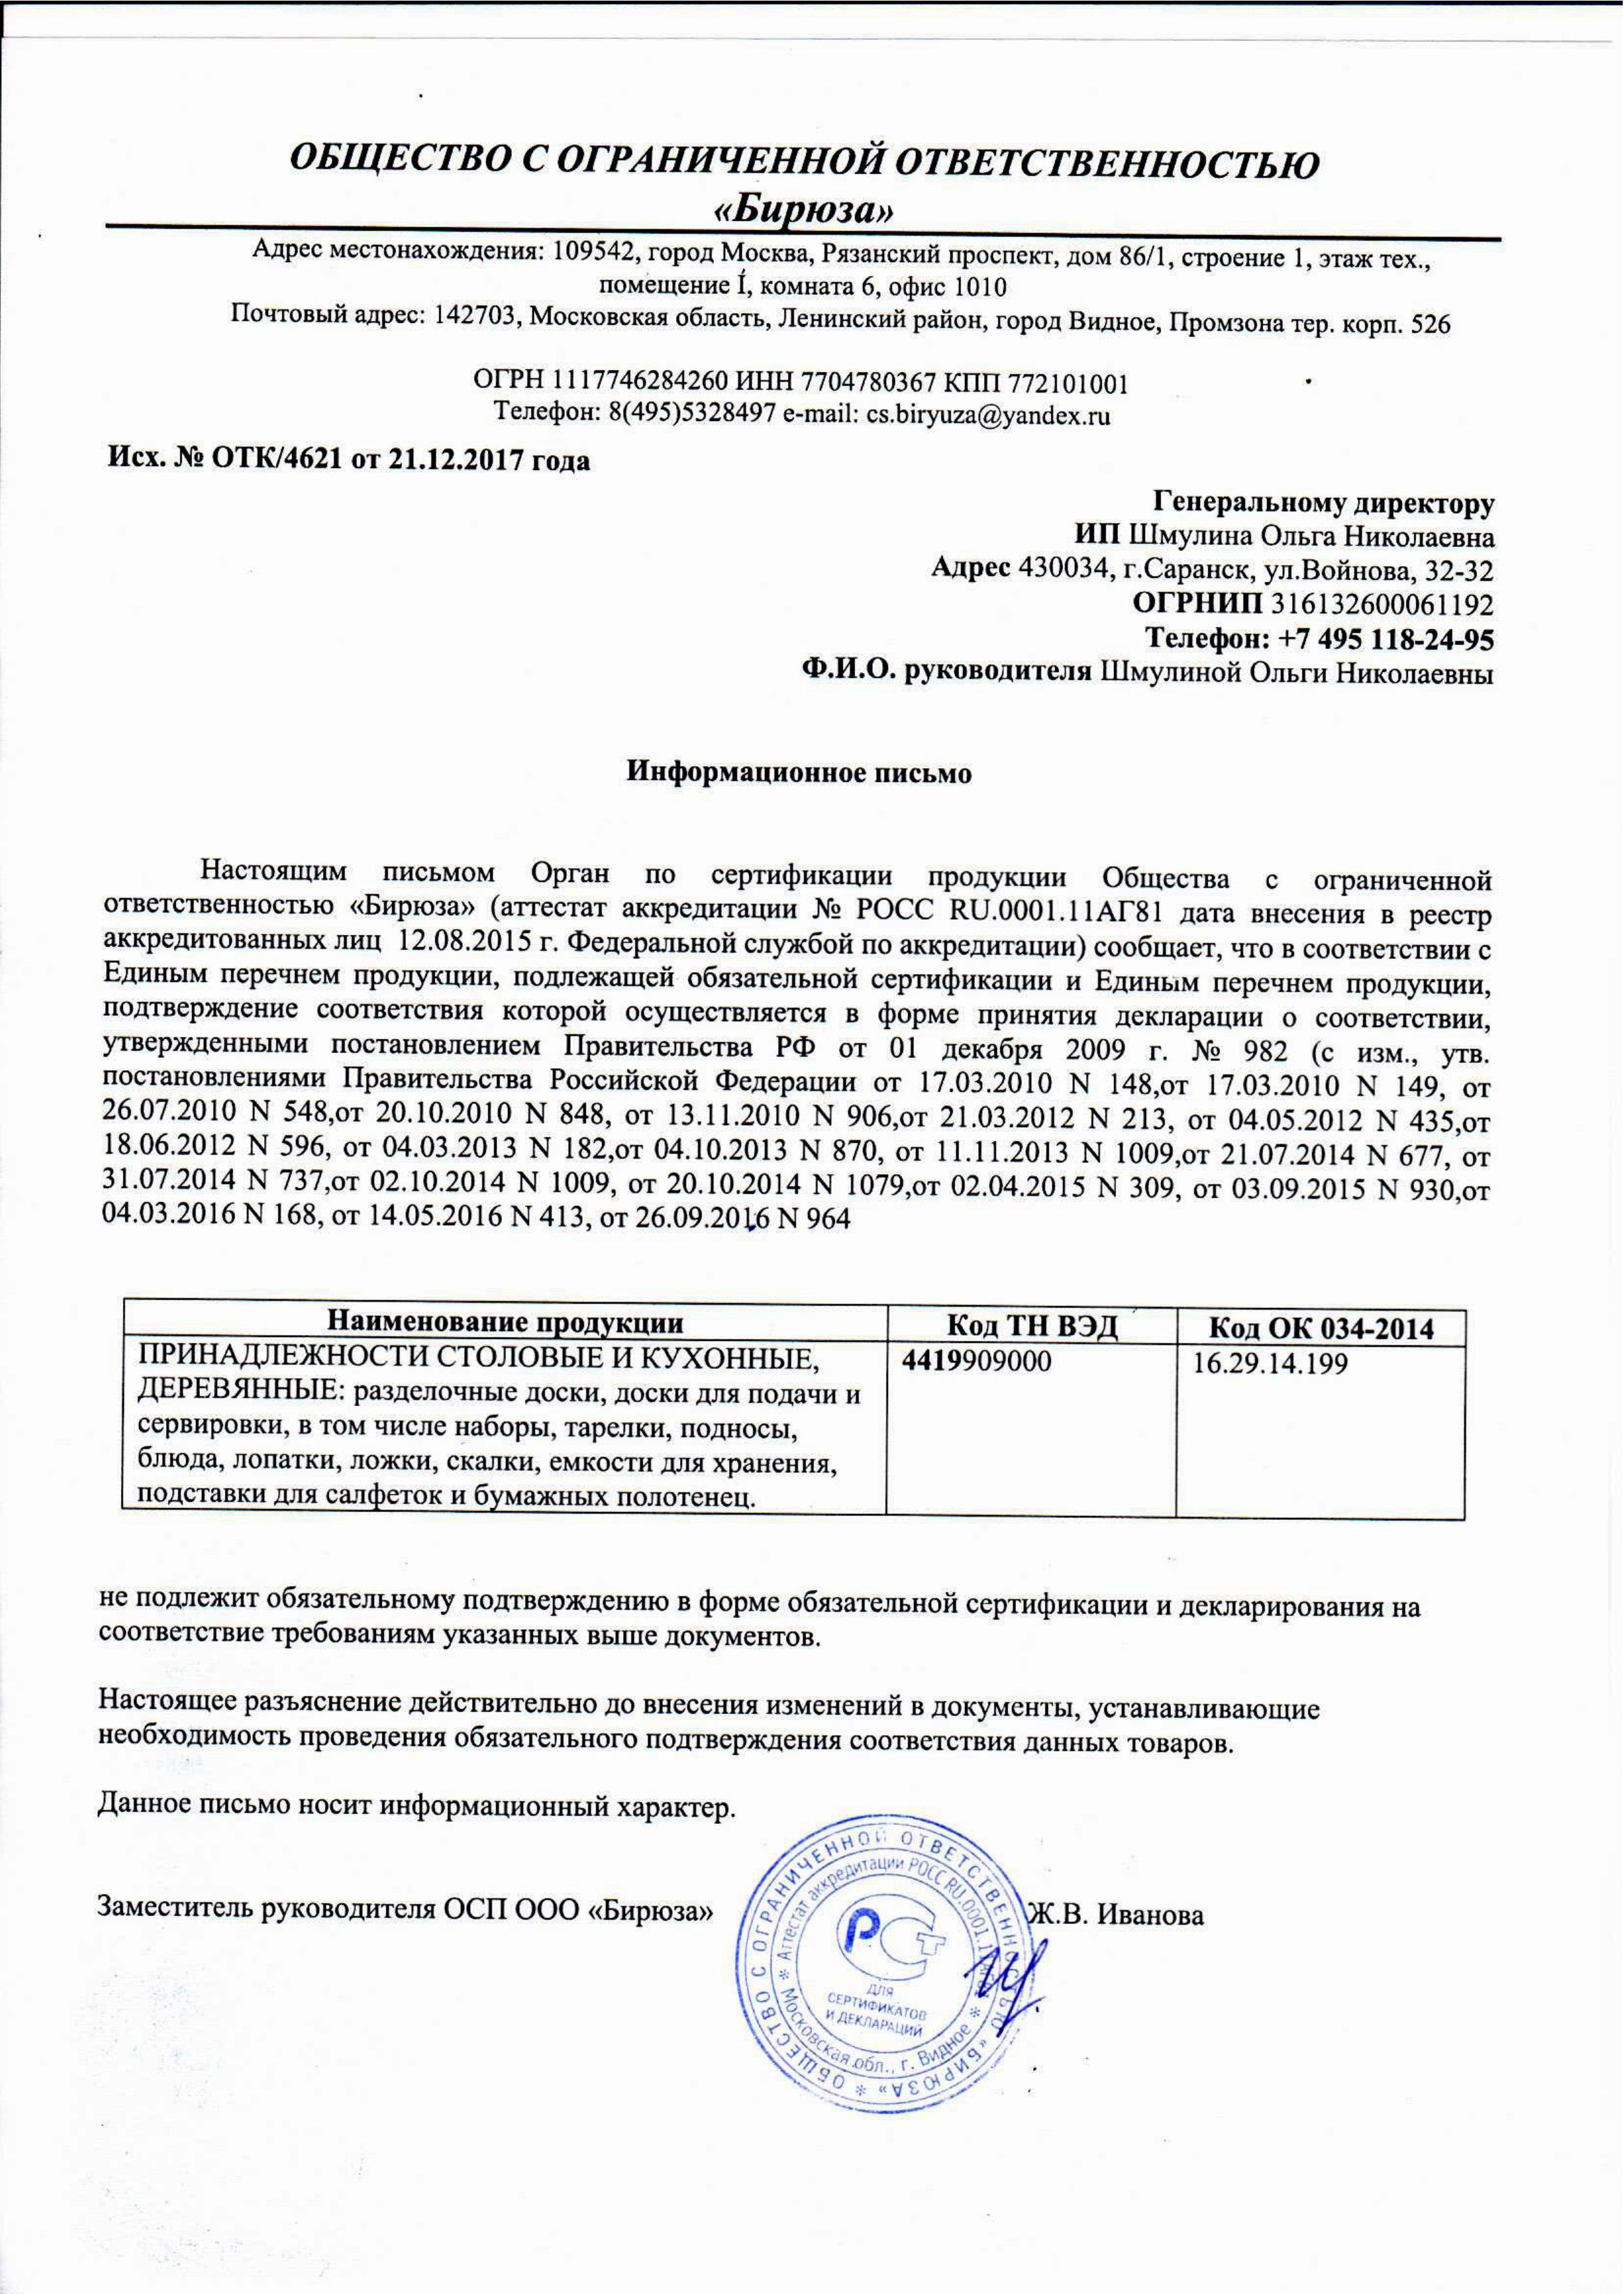 отказное письмо сертификация